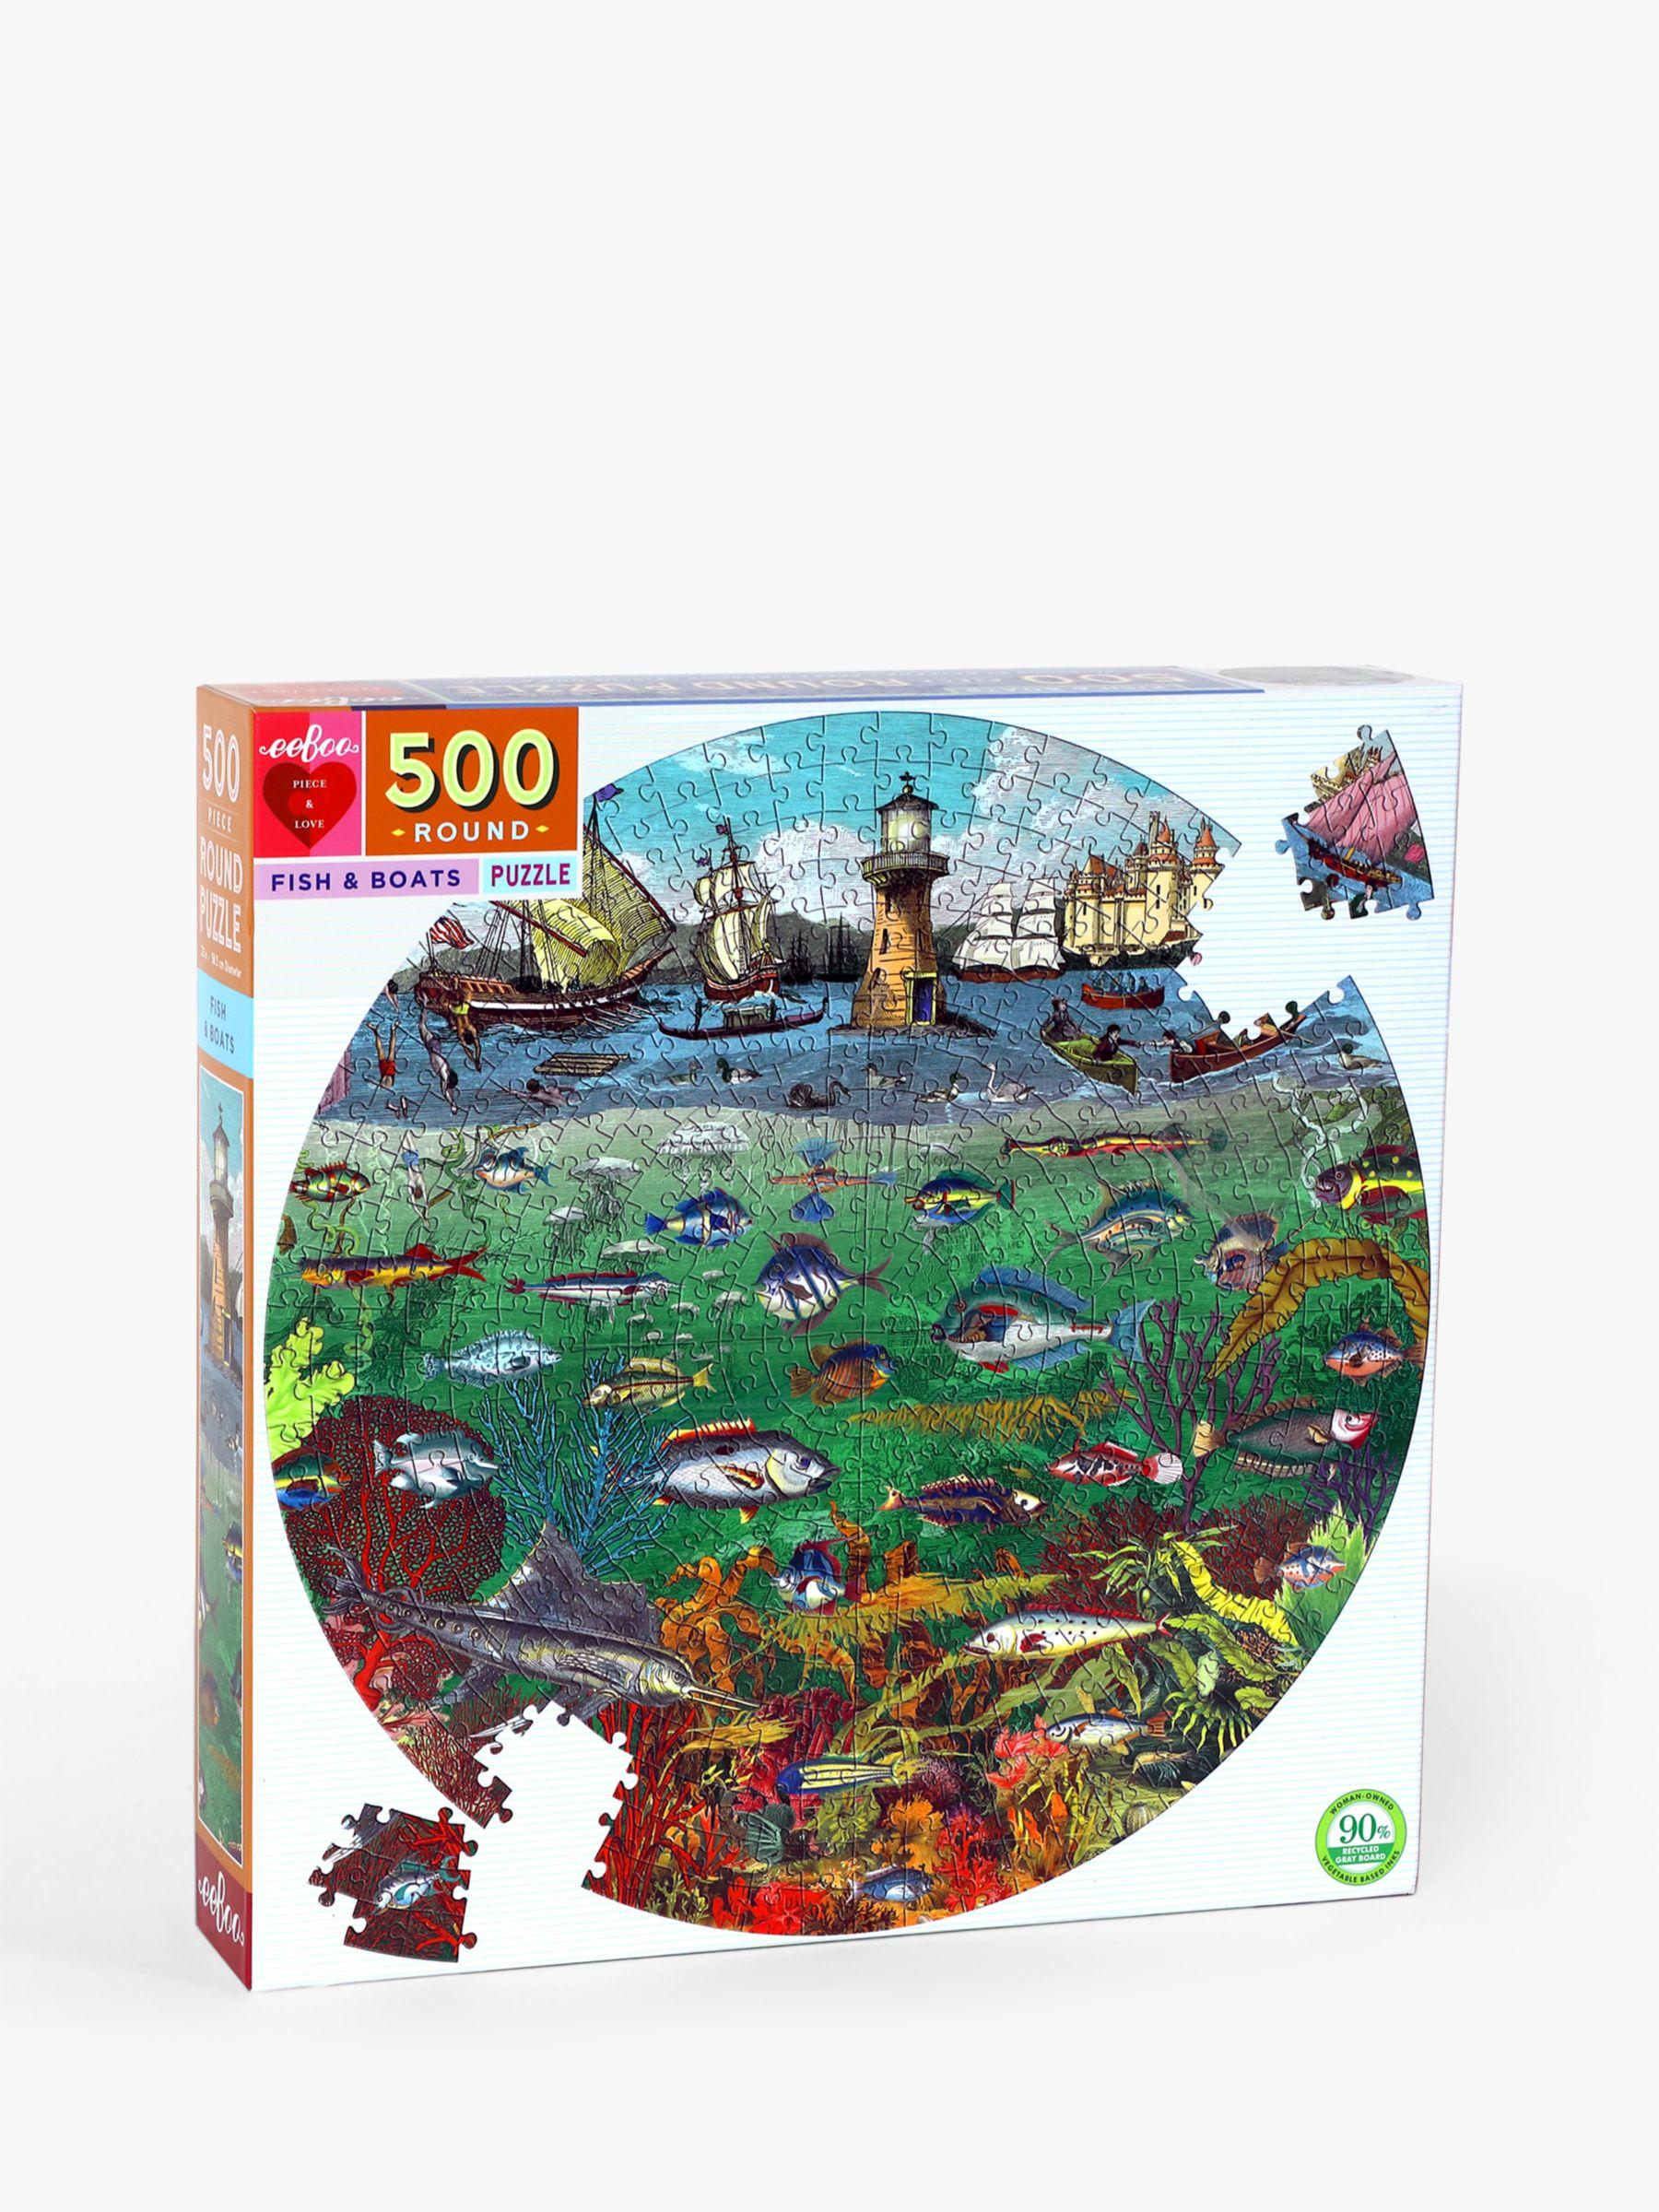 Eeboo eeBoo Fish & Boats Jigsaw Puzzle, 500 Pieces